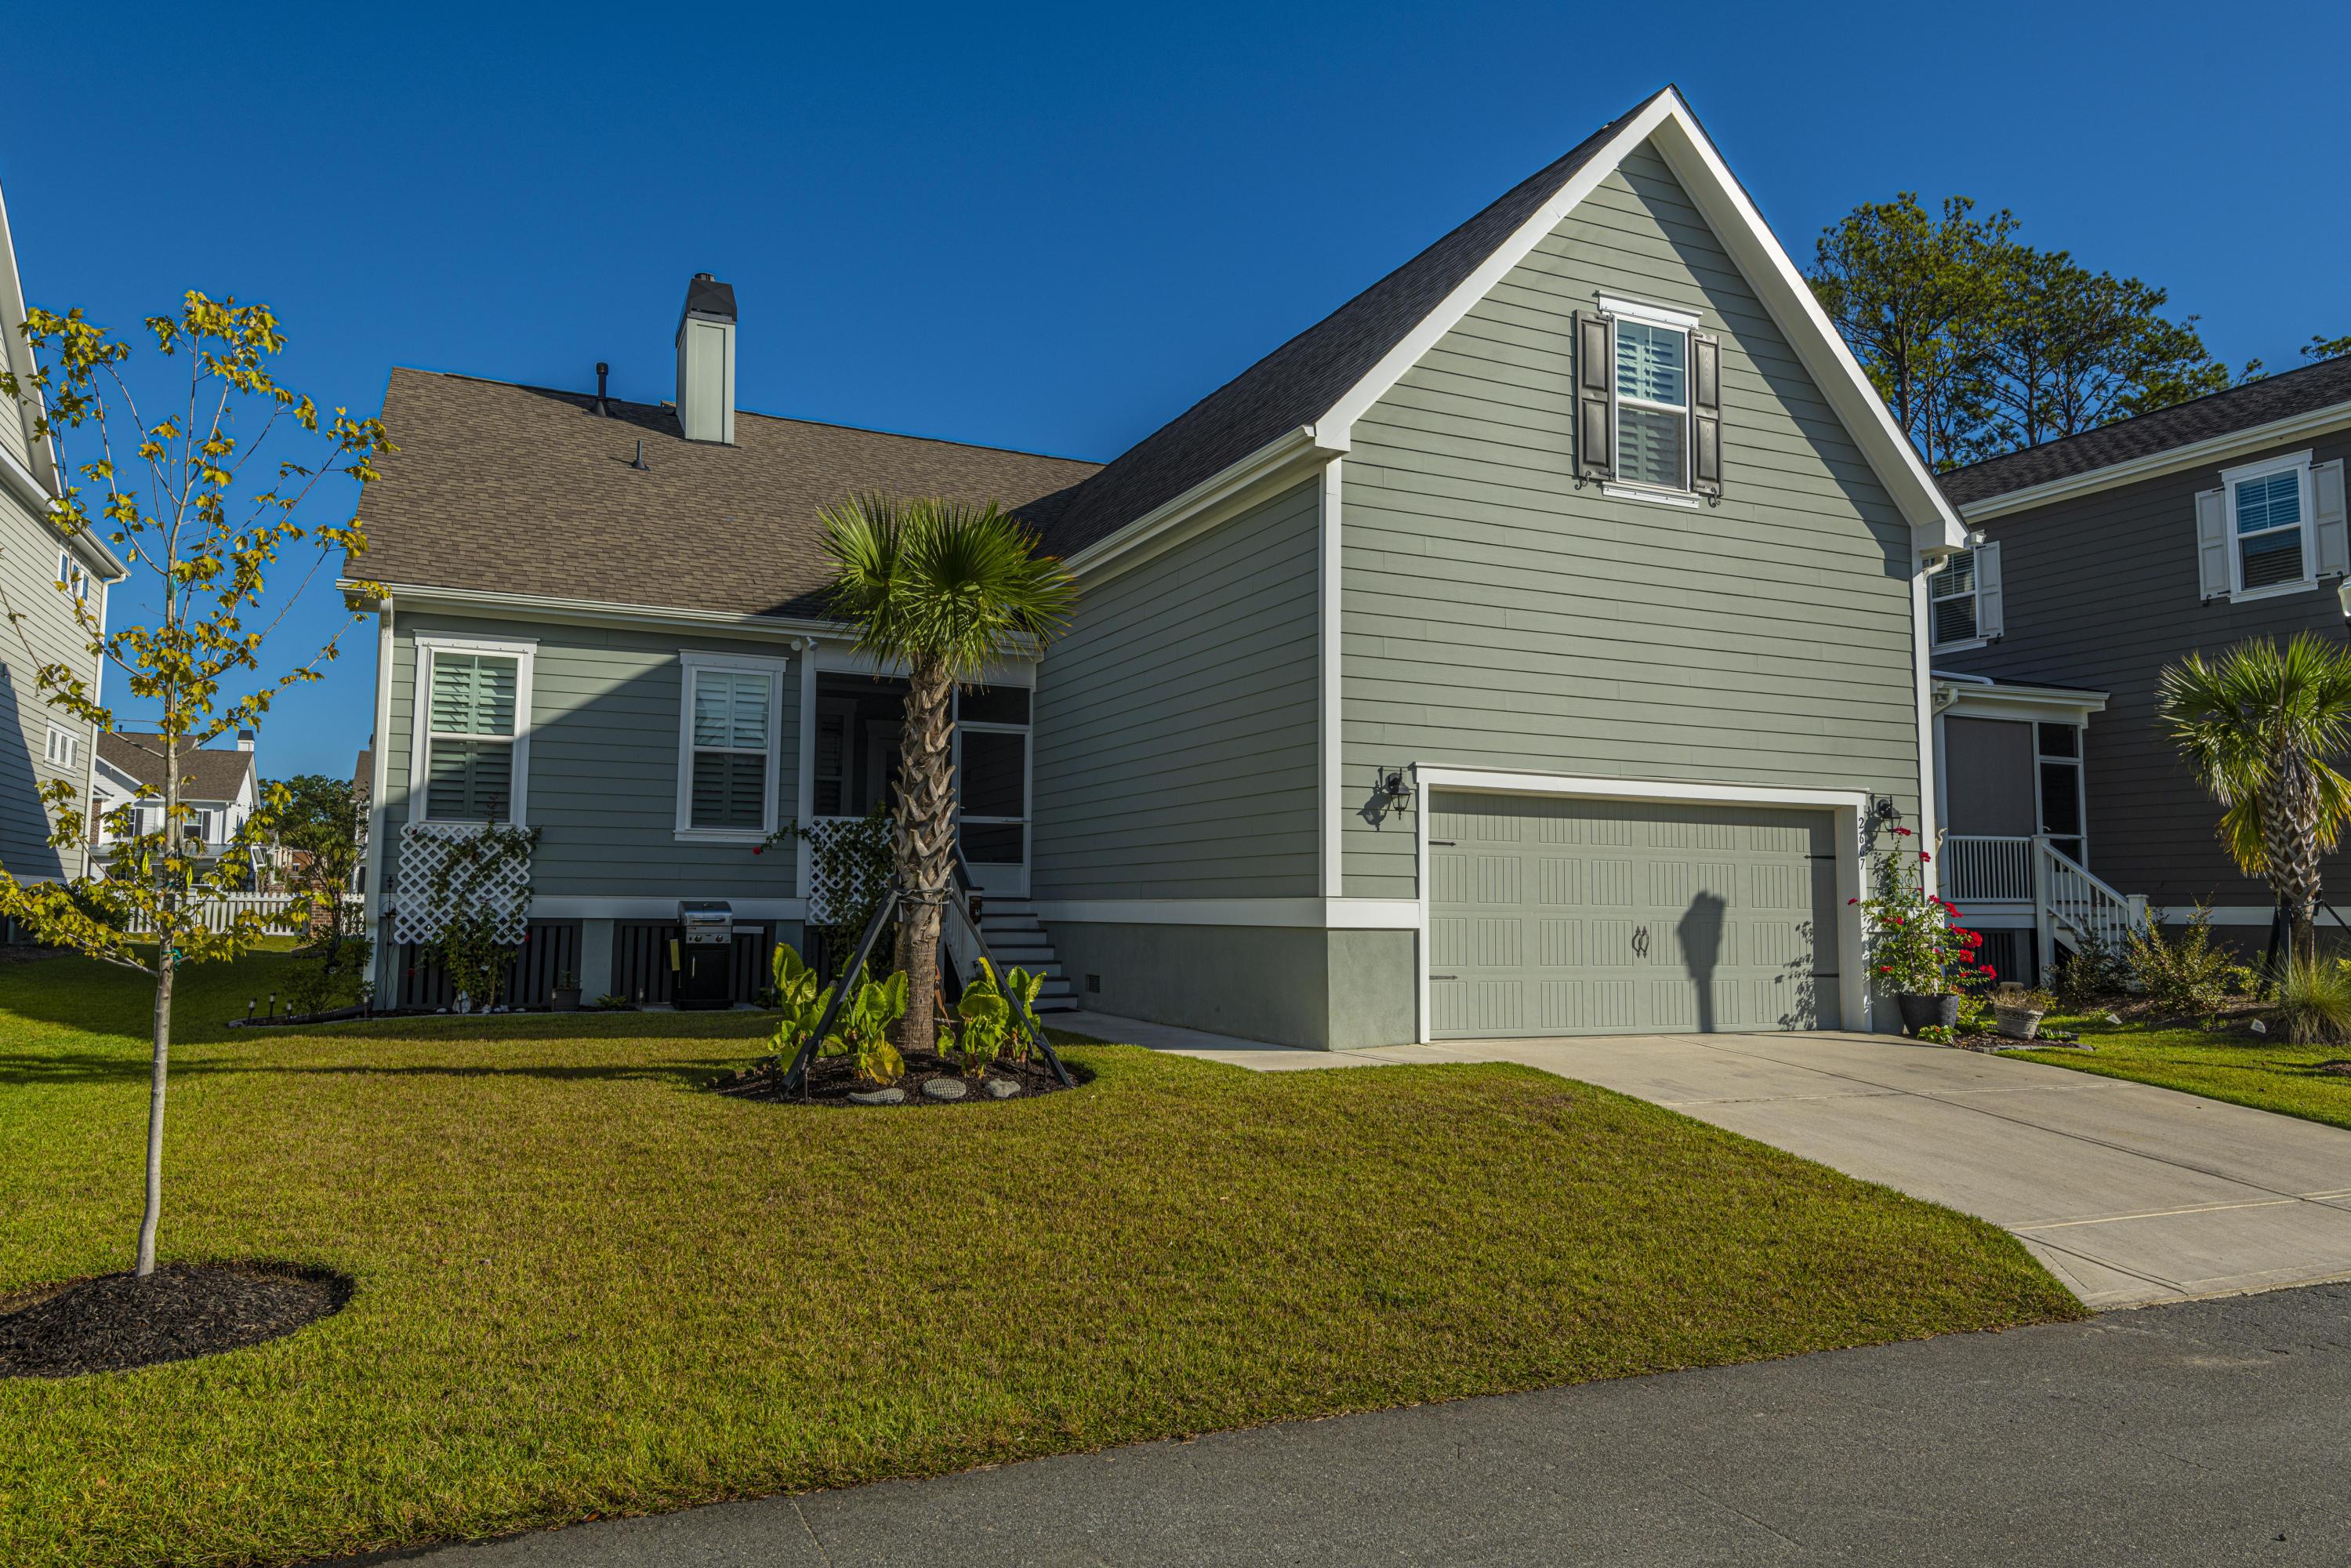 Park West Homes For Sale - 2667 Park West, Mount Pleasant, SC - 52